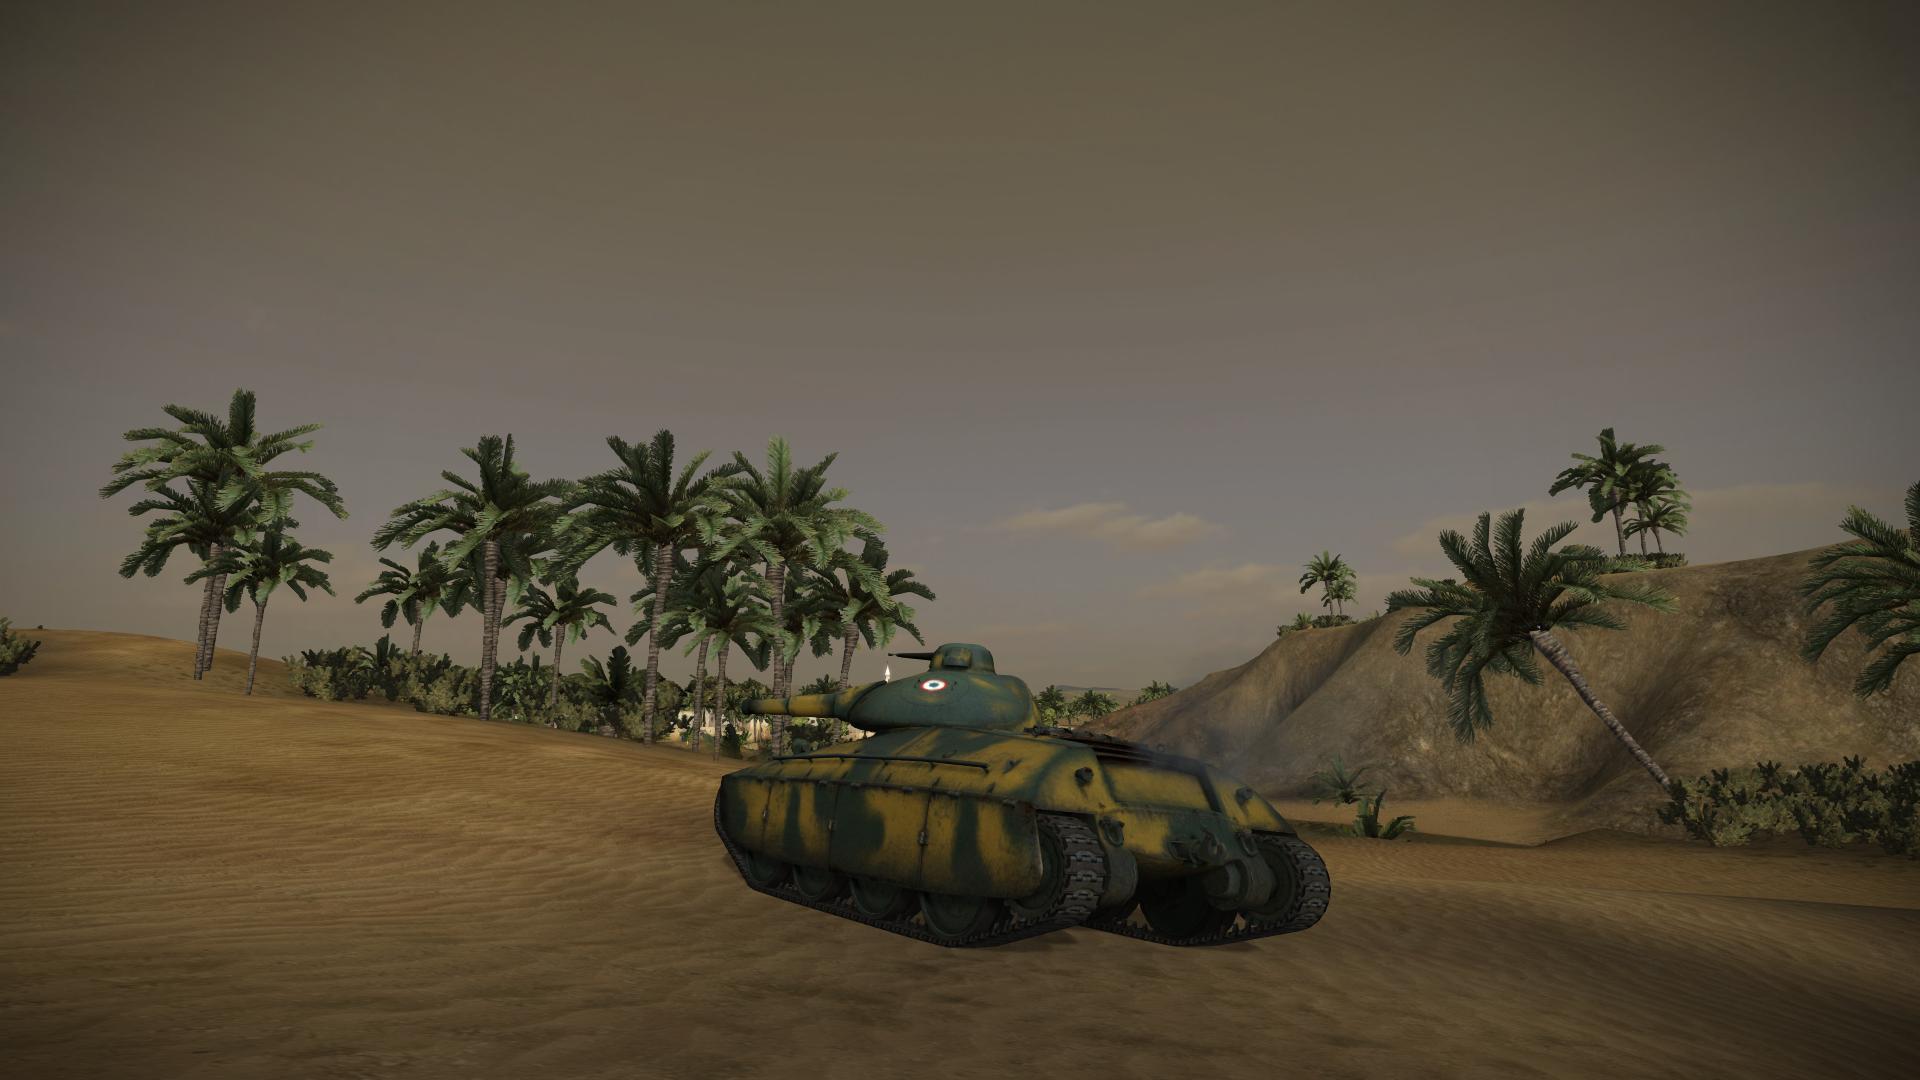 Klicke auf die Grafik für eine größere AnsichtName:AMX-40_1.jpgHits:84Größe:150,5 KBID:6075